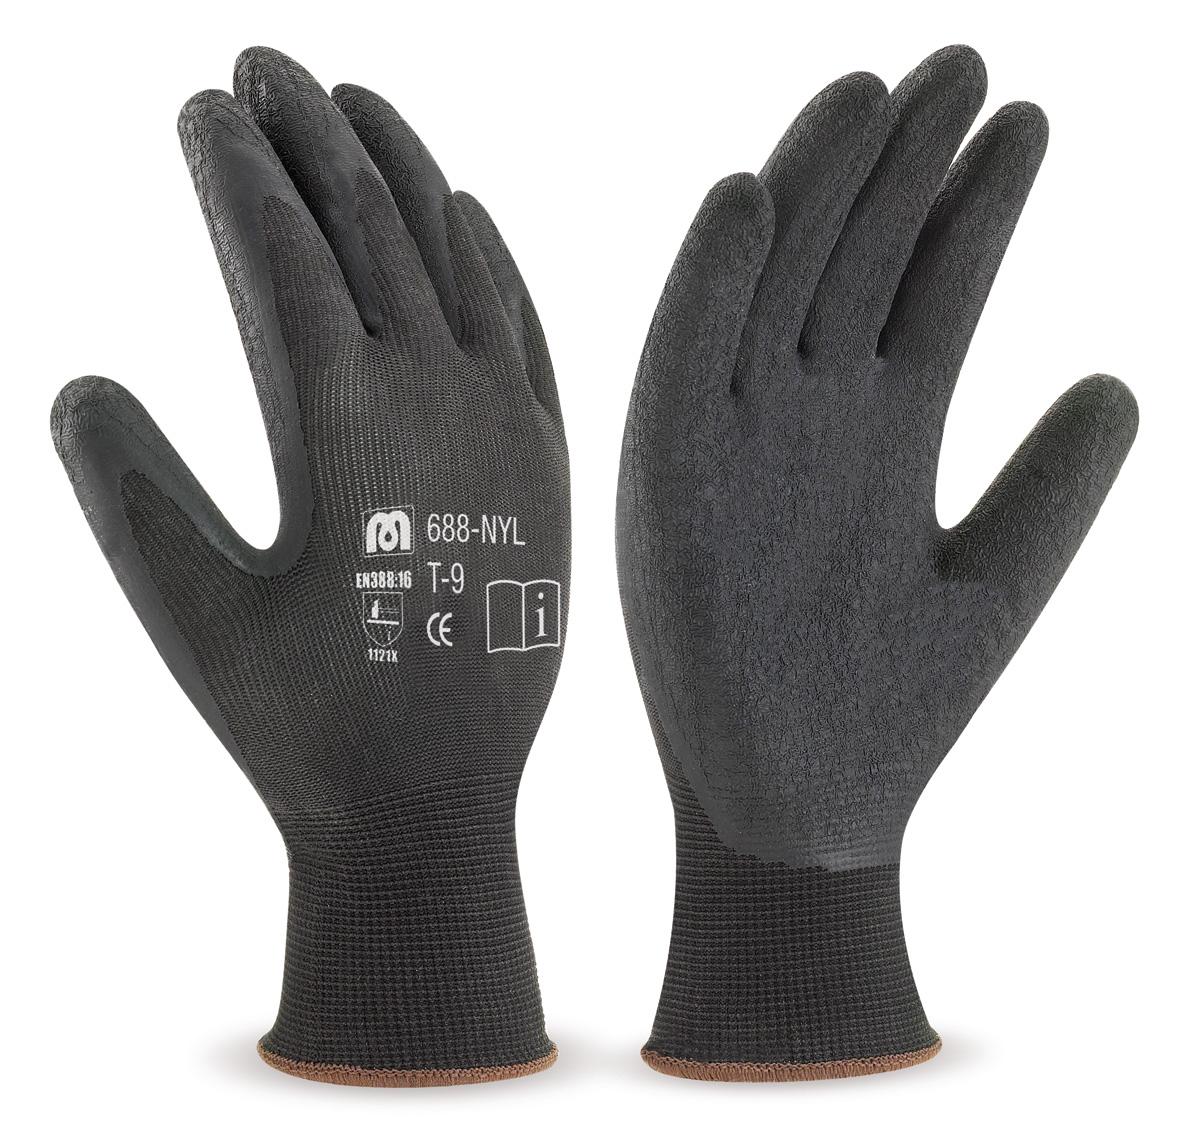 productos guantes de trabajo nylon ref 688 nyl